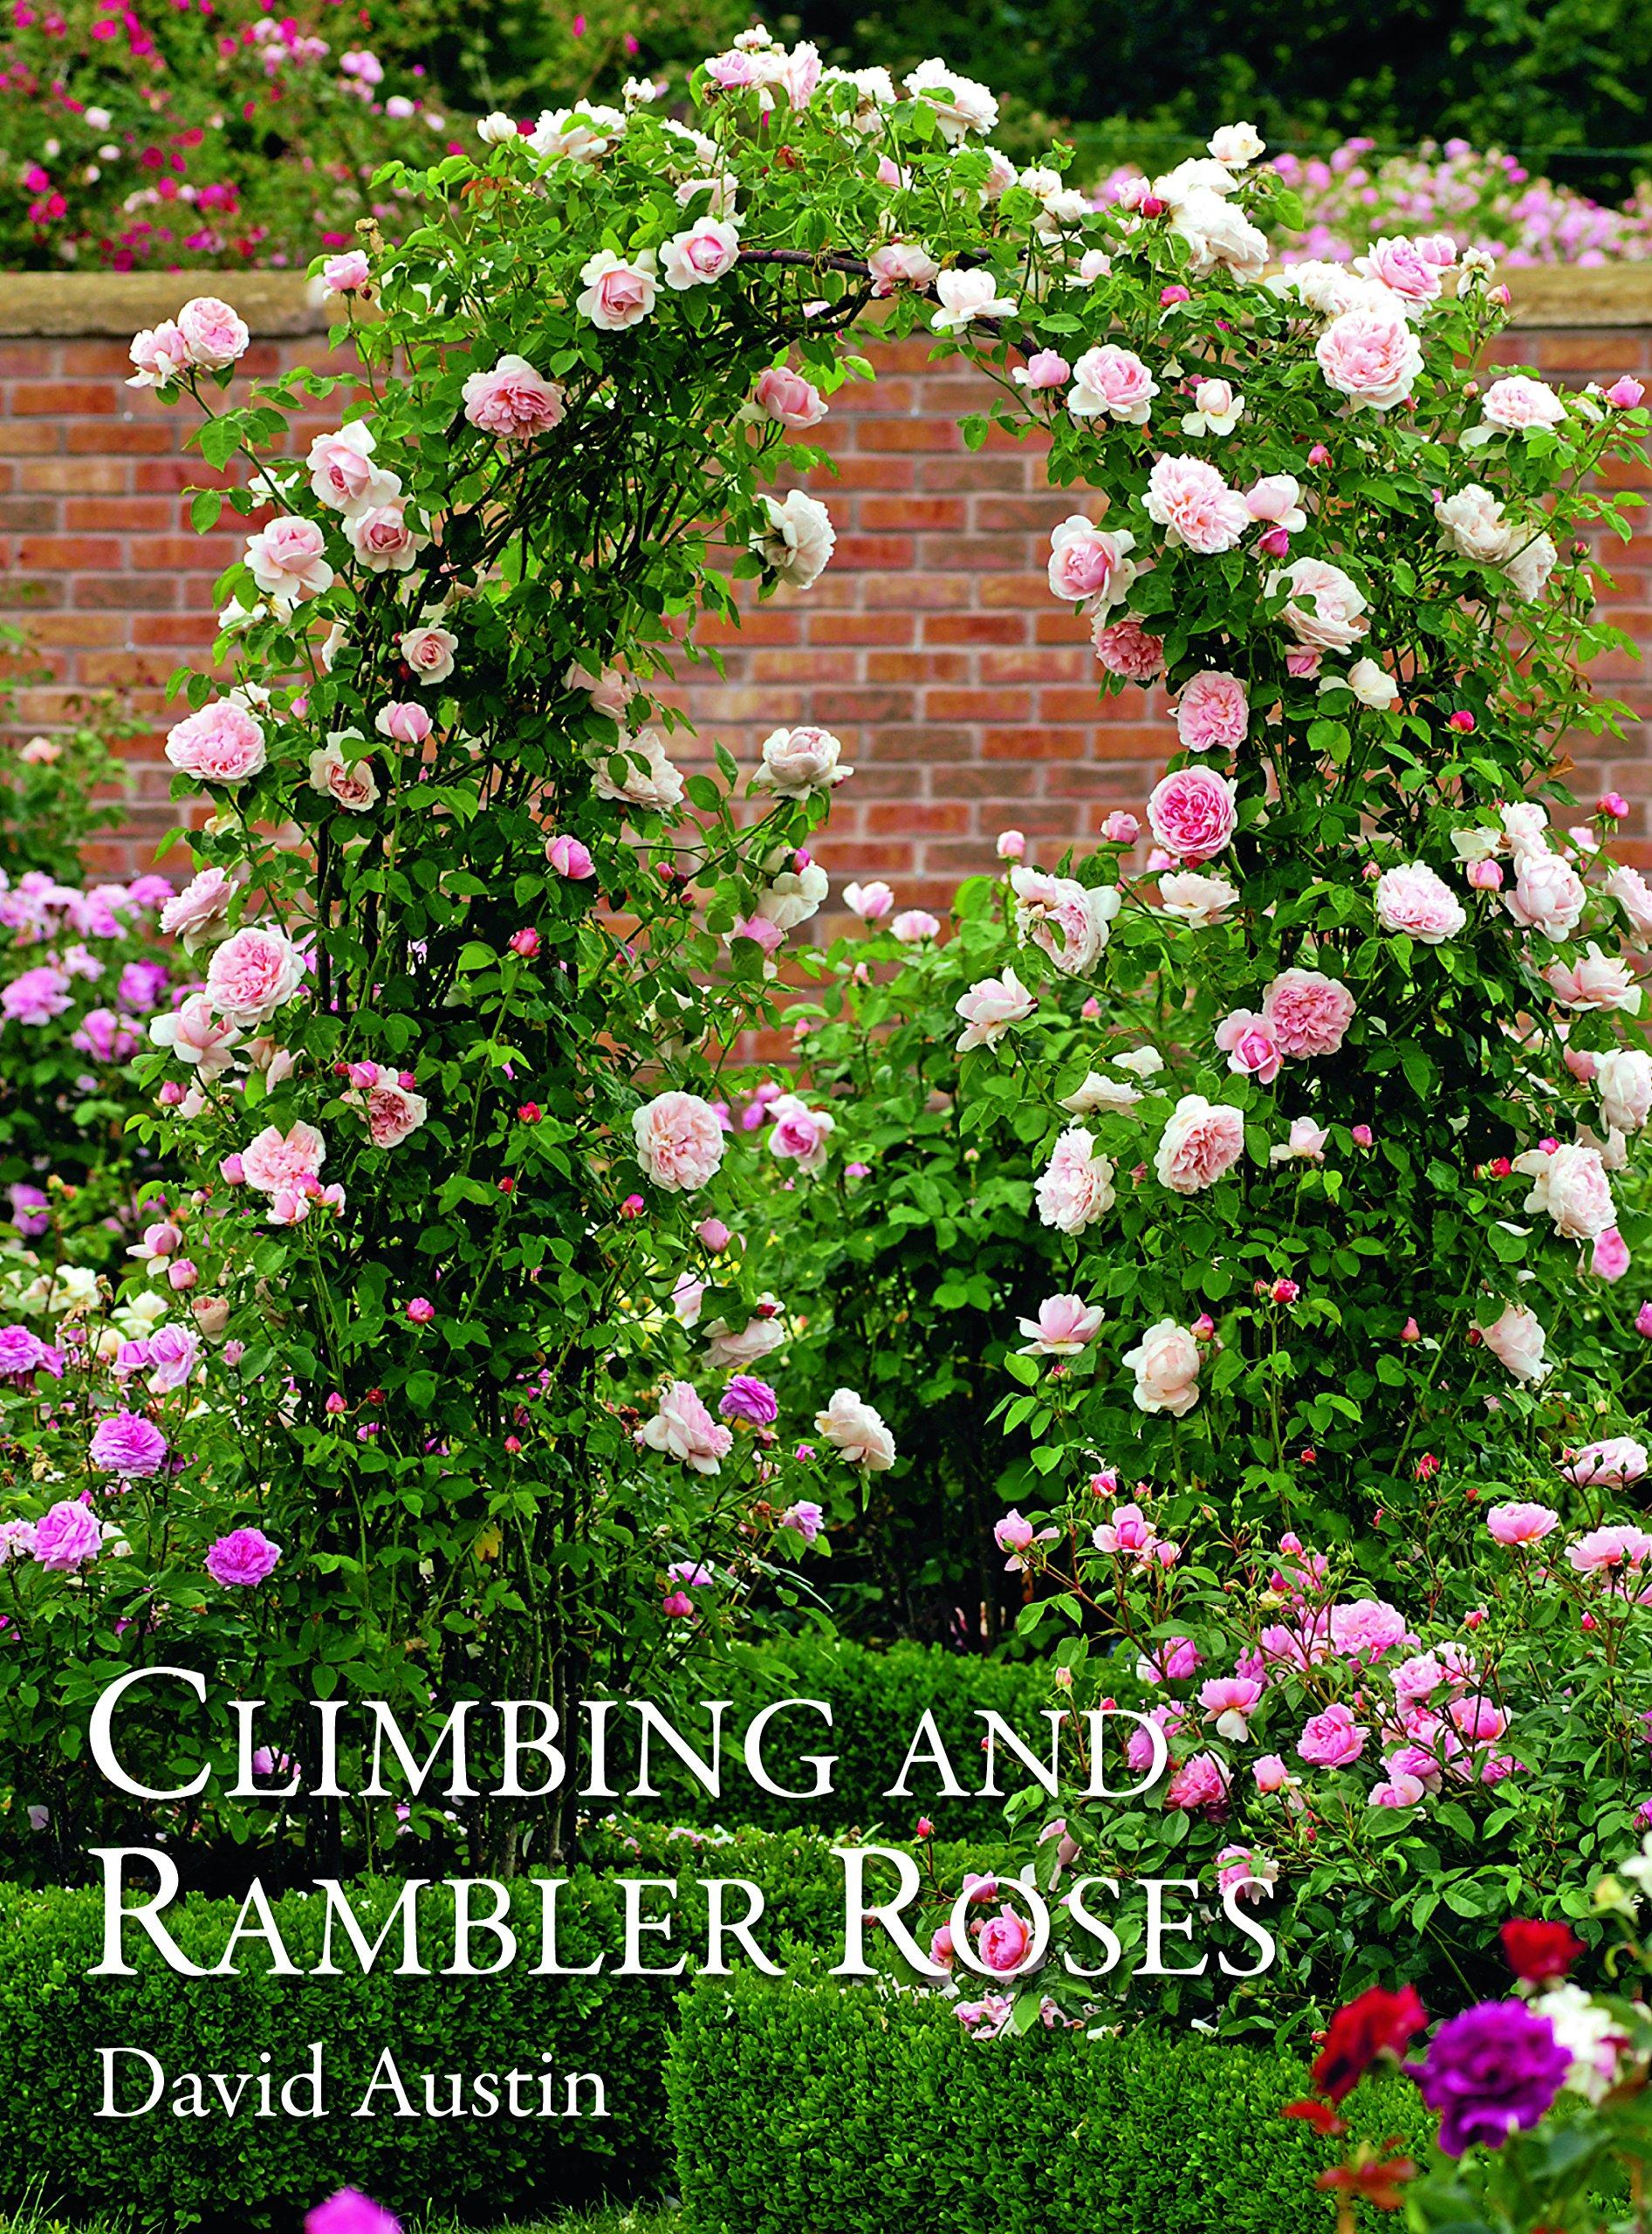 Climbing and rambler roses / David Austin.